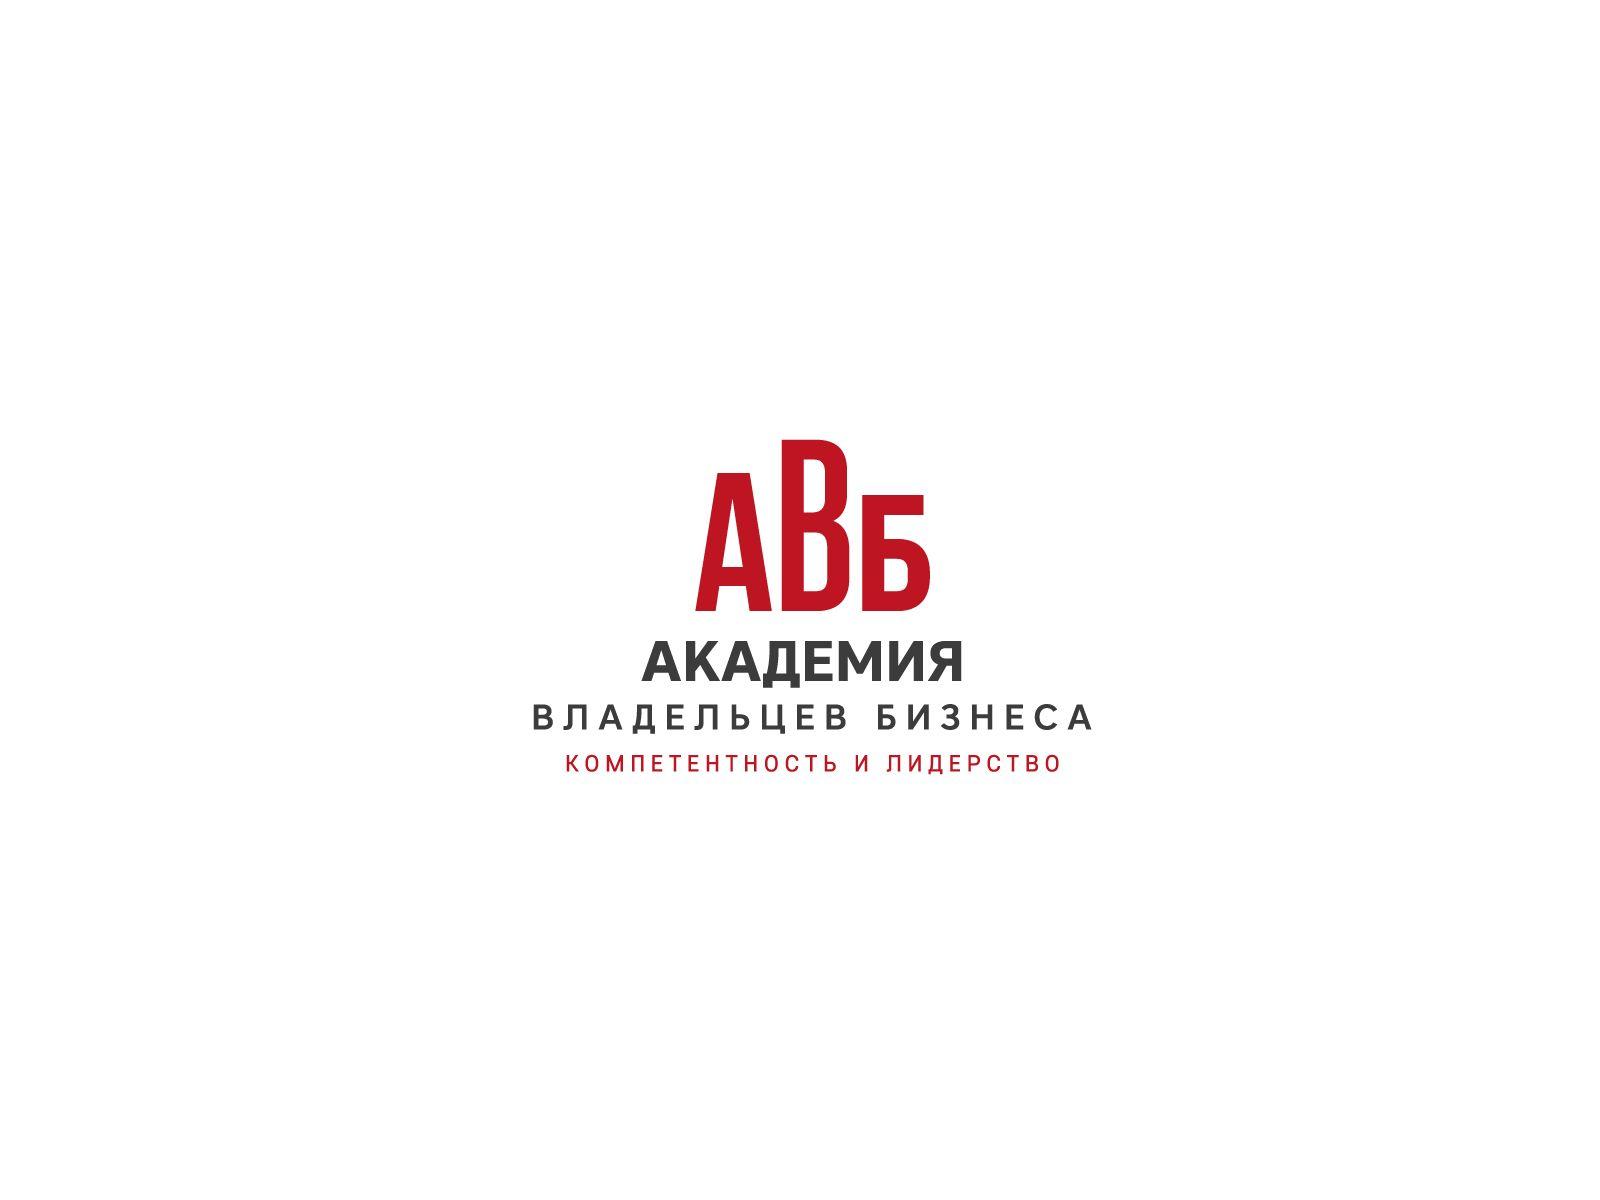 Лого и фирменный стиль для АКАДЕМИЯ ВЛАДЕЛЬЦЕВ БИЗНЕСА   АВБ - дизайнер U4po4mak